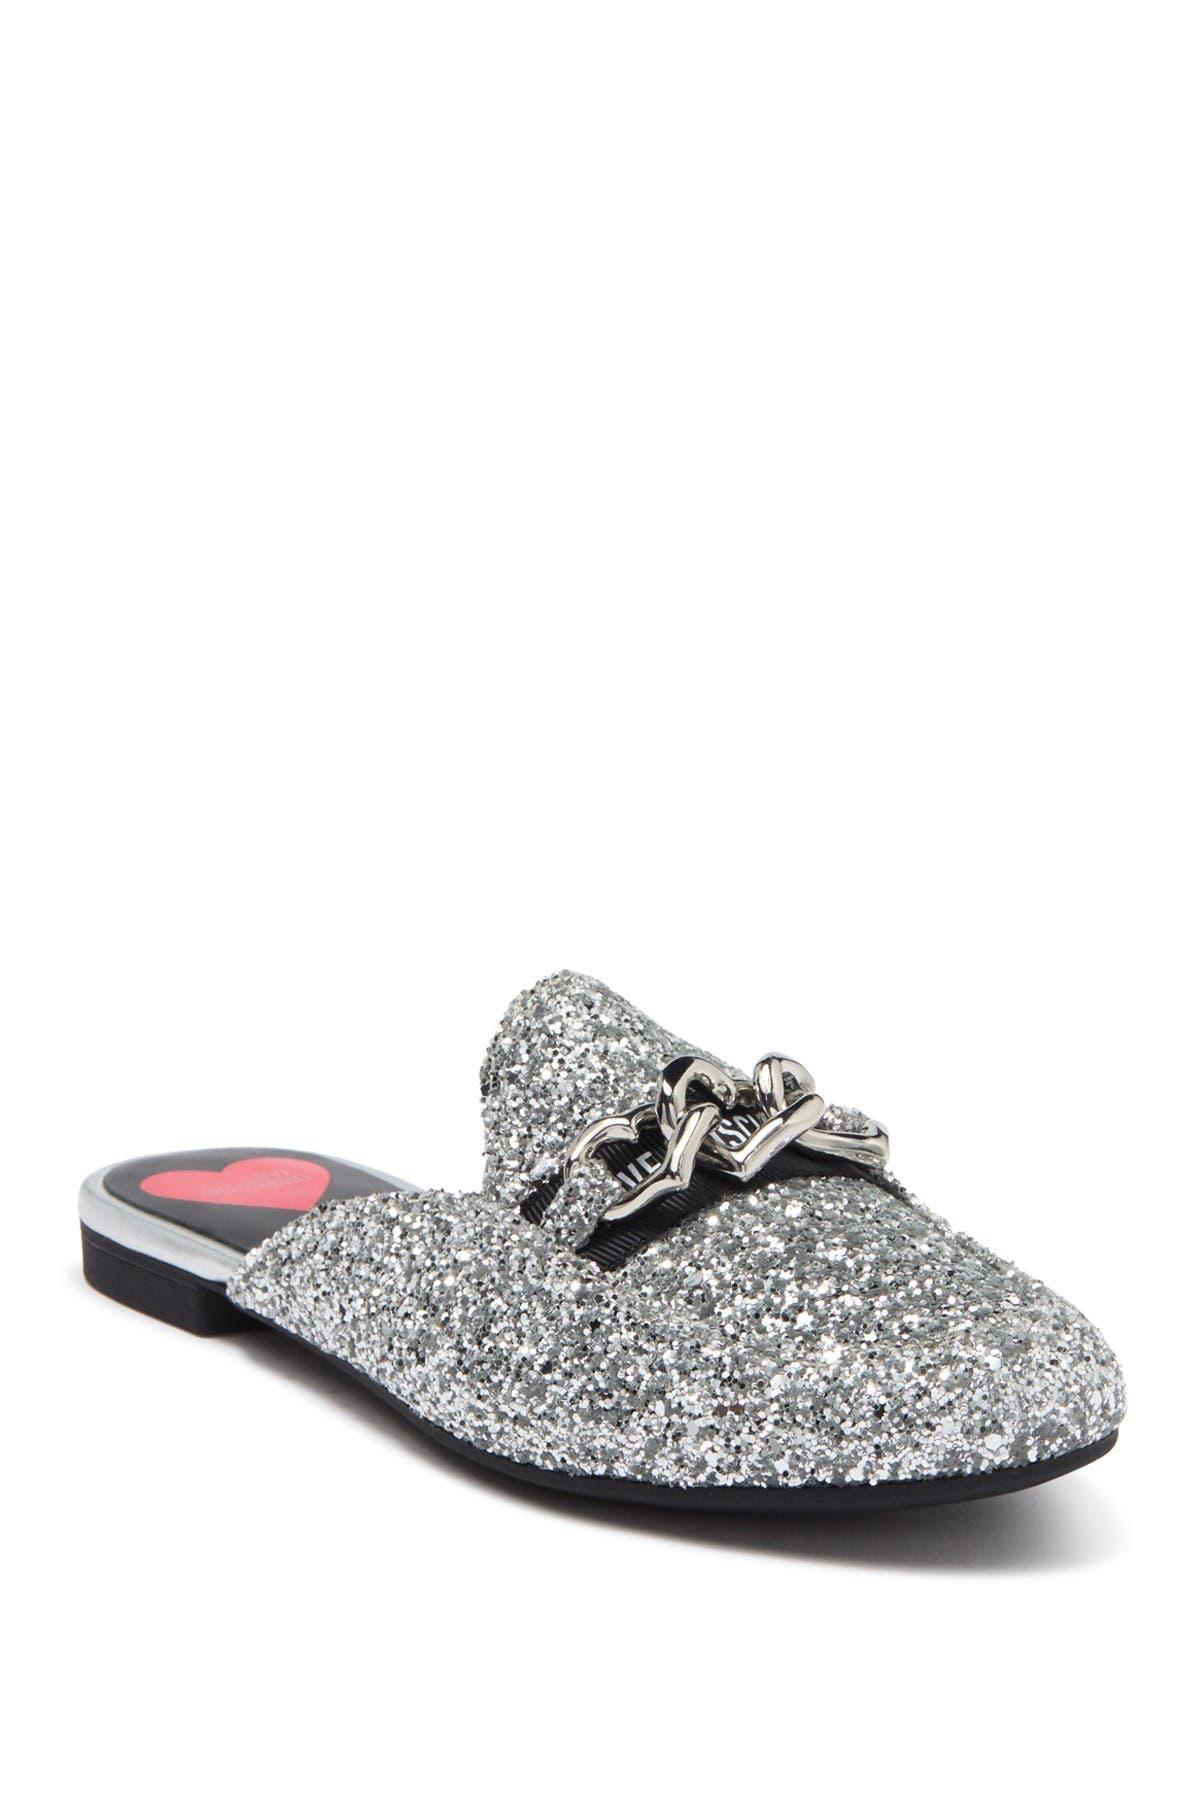 Image of LOVE Moschino Metallic Glitter Slip-On Mule